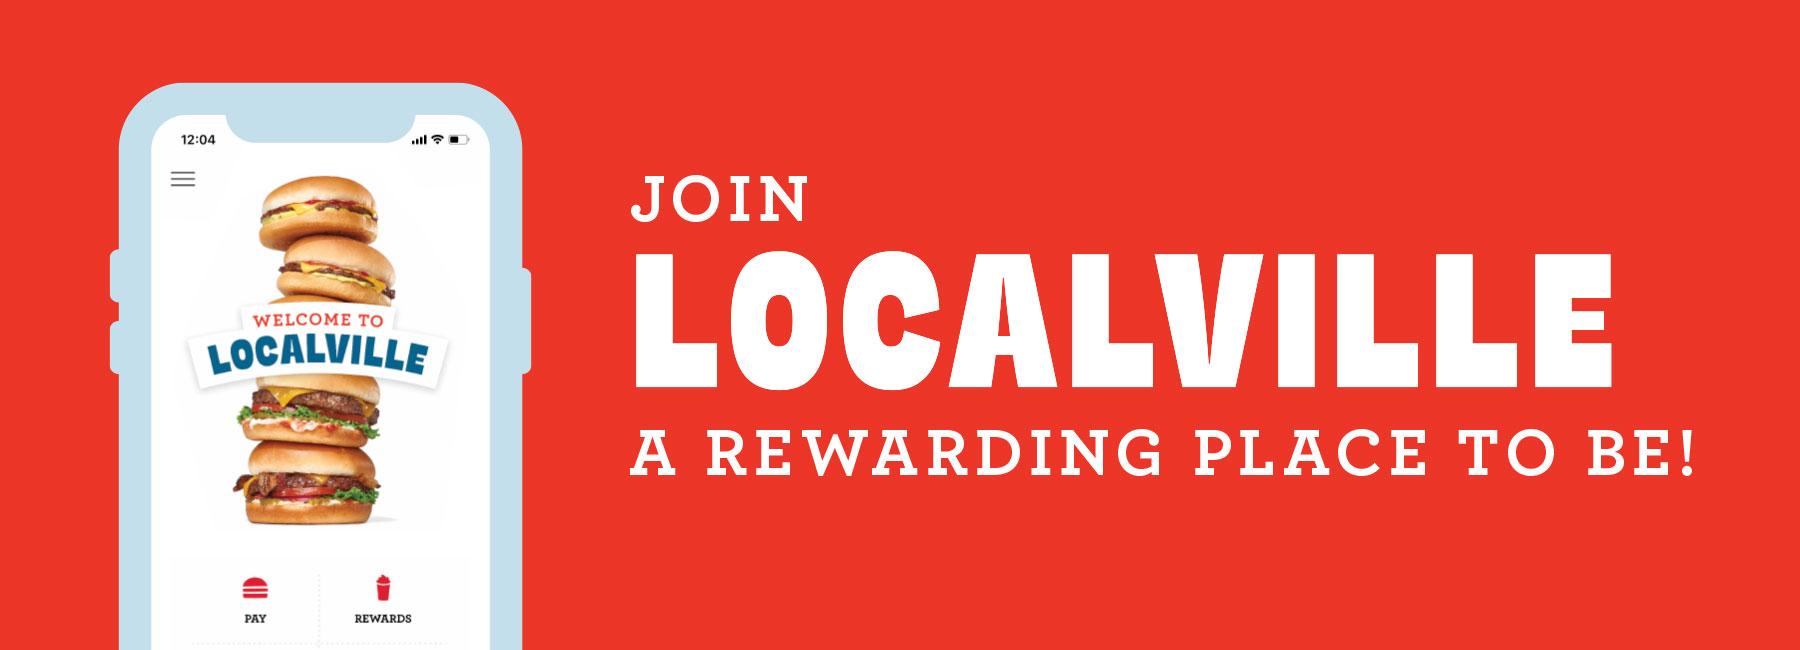 Join Localville